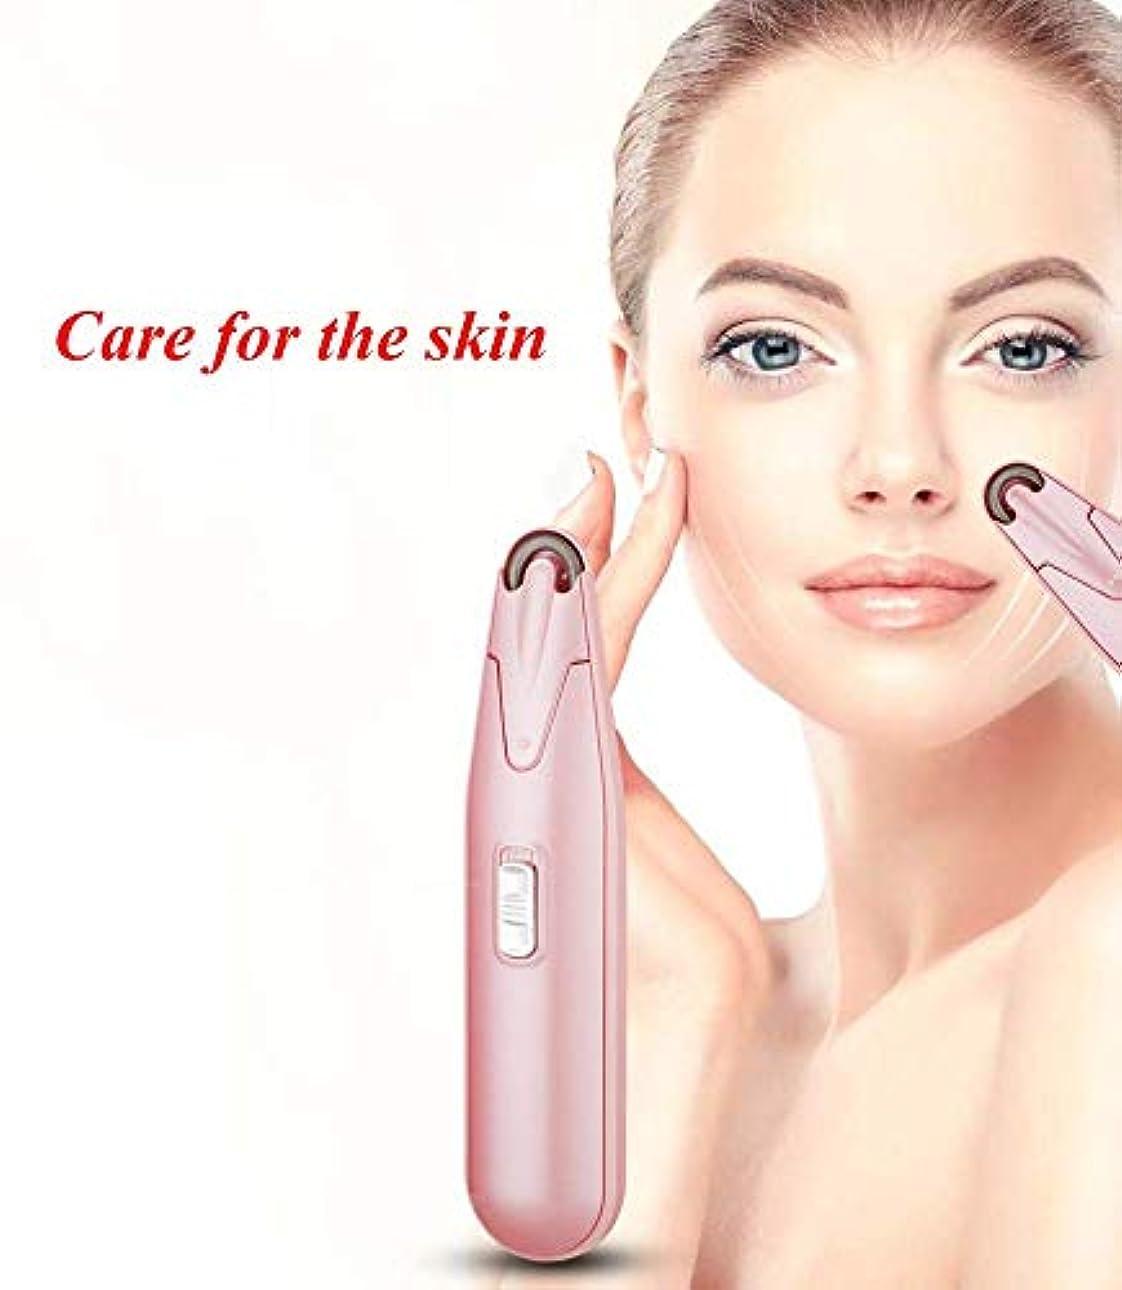 どきどき実行するシネウィ女性のための顔の毛の除去剤、顔の女性脱毛のための完璧な顔の毛の除去剤、頬、上唇、眉毛、ピーチファズ、指の毛